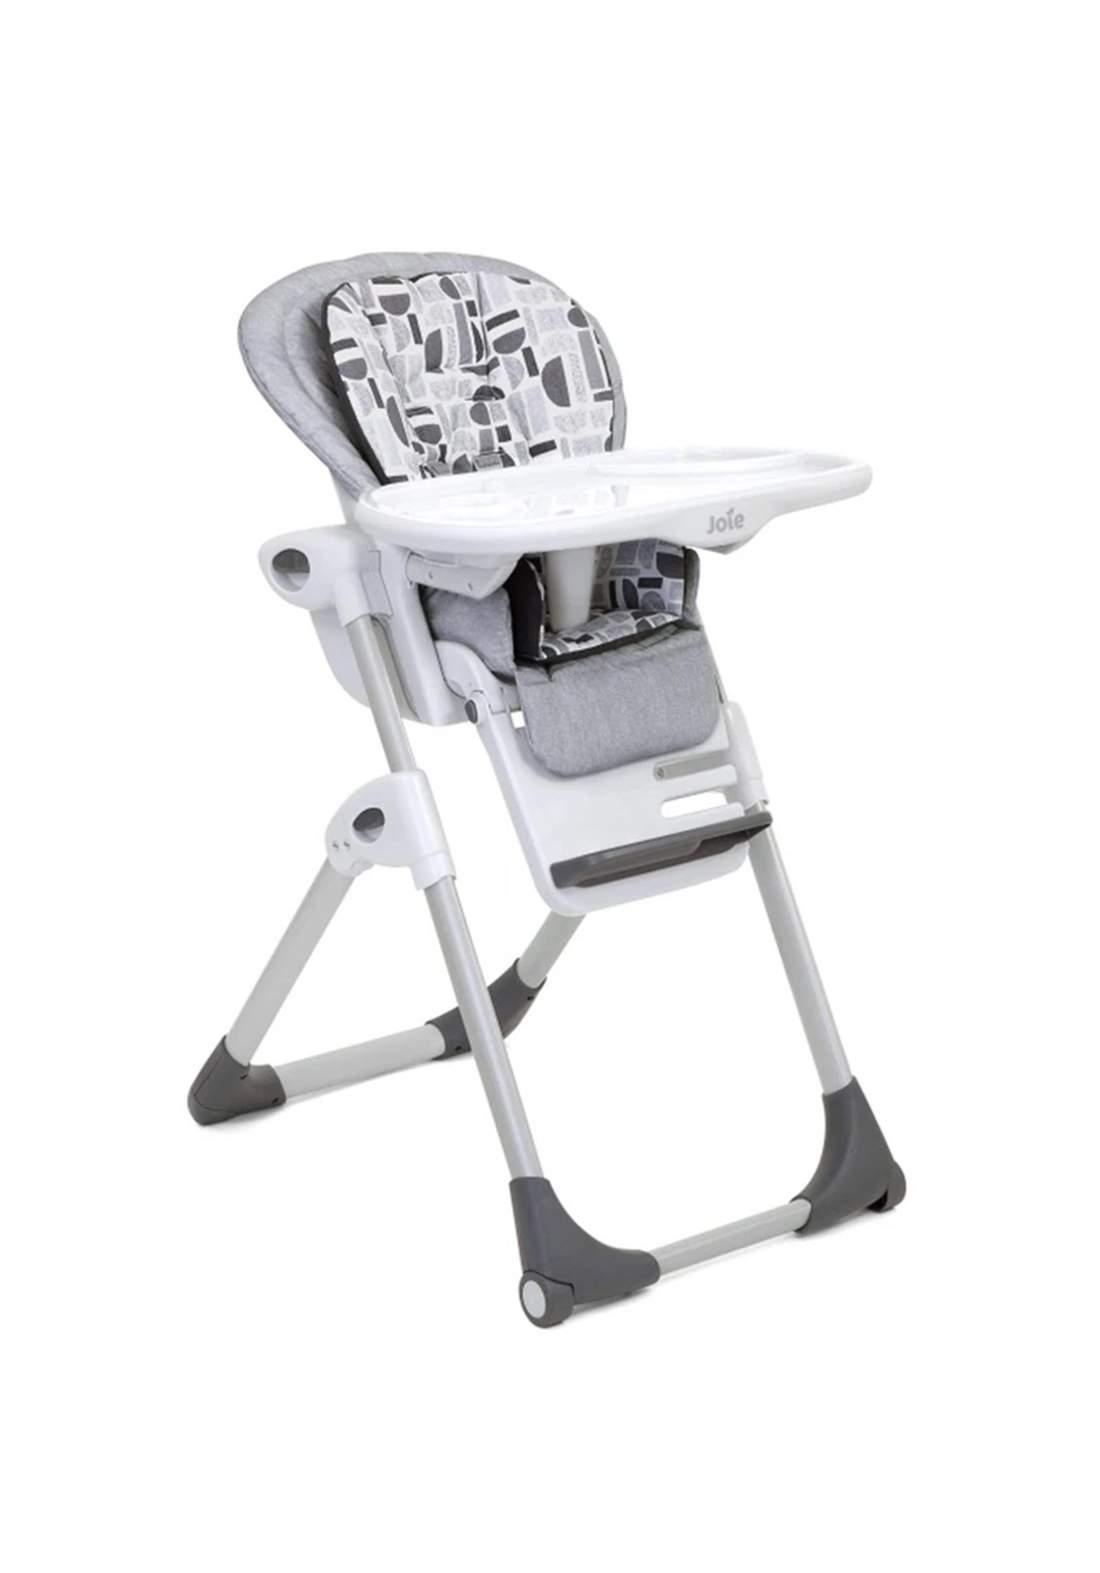 كرسي طعام للاطفال Joie Baby H1013CAITR000 Mimzy 2-in-1 Highchair Logan